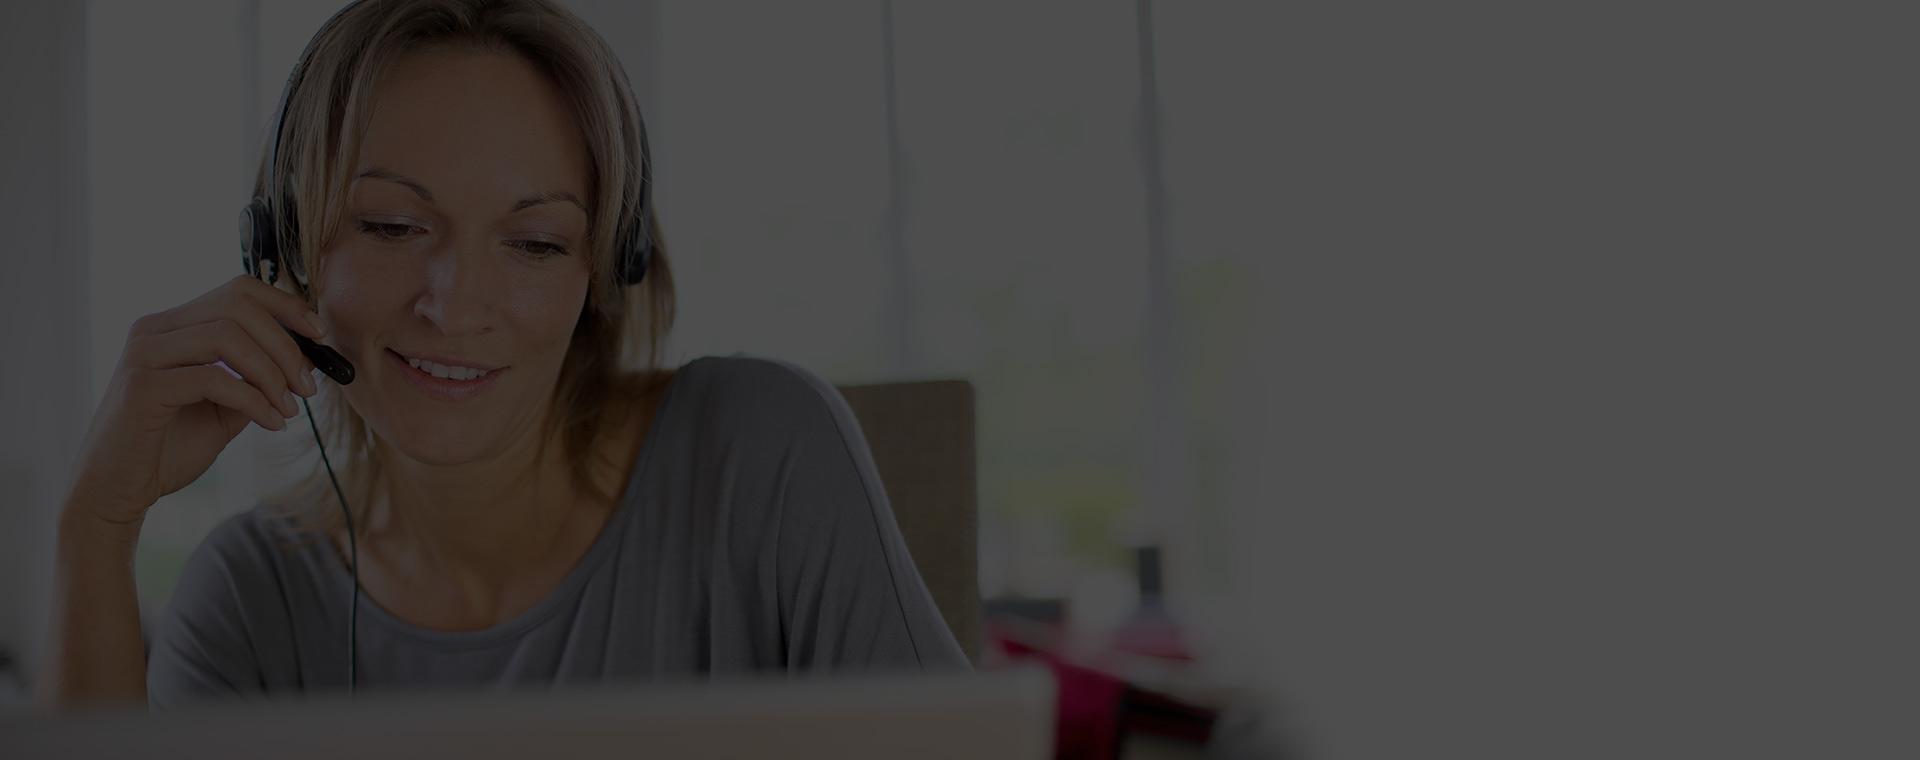 Консультация по Skype обучение и работа в Германии